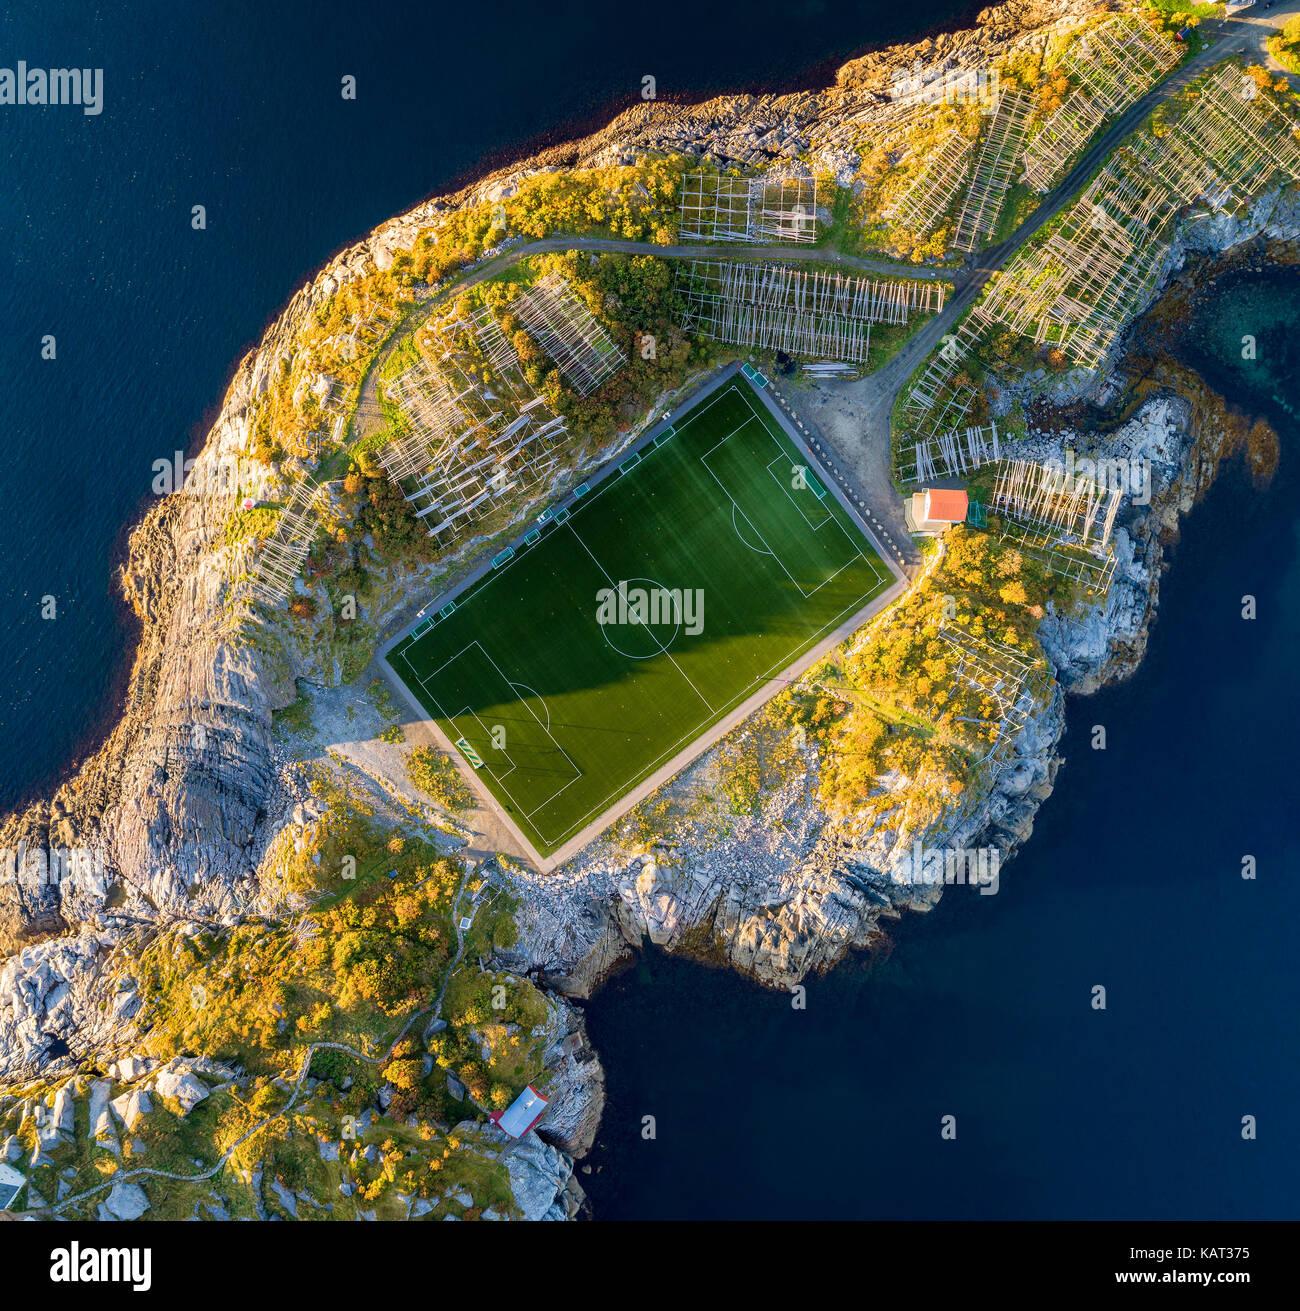 Campo de fútbol en Henningsvaer desde arriba. Henningsvaer es un pueblo de pescadores situado en varias pequeñas Imagen De Stock